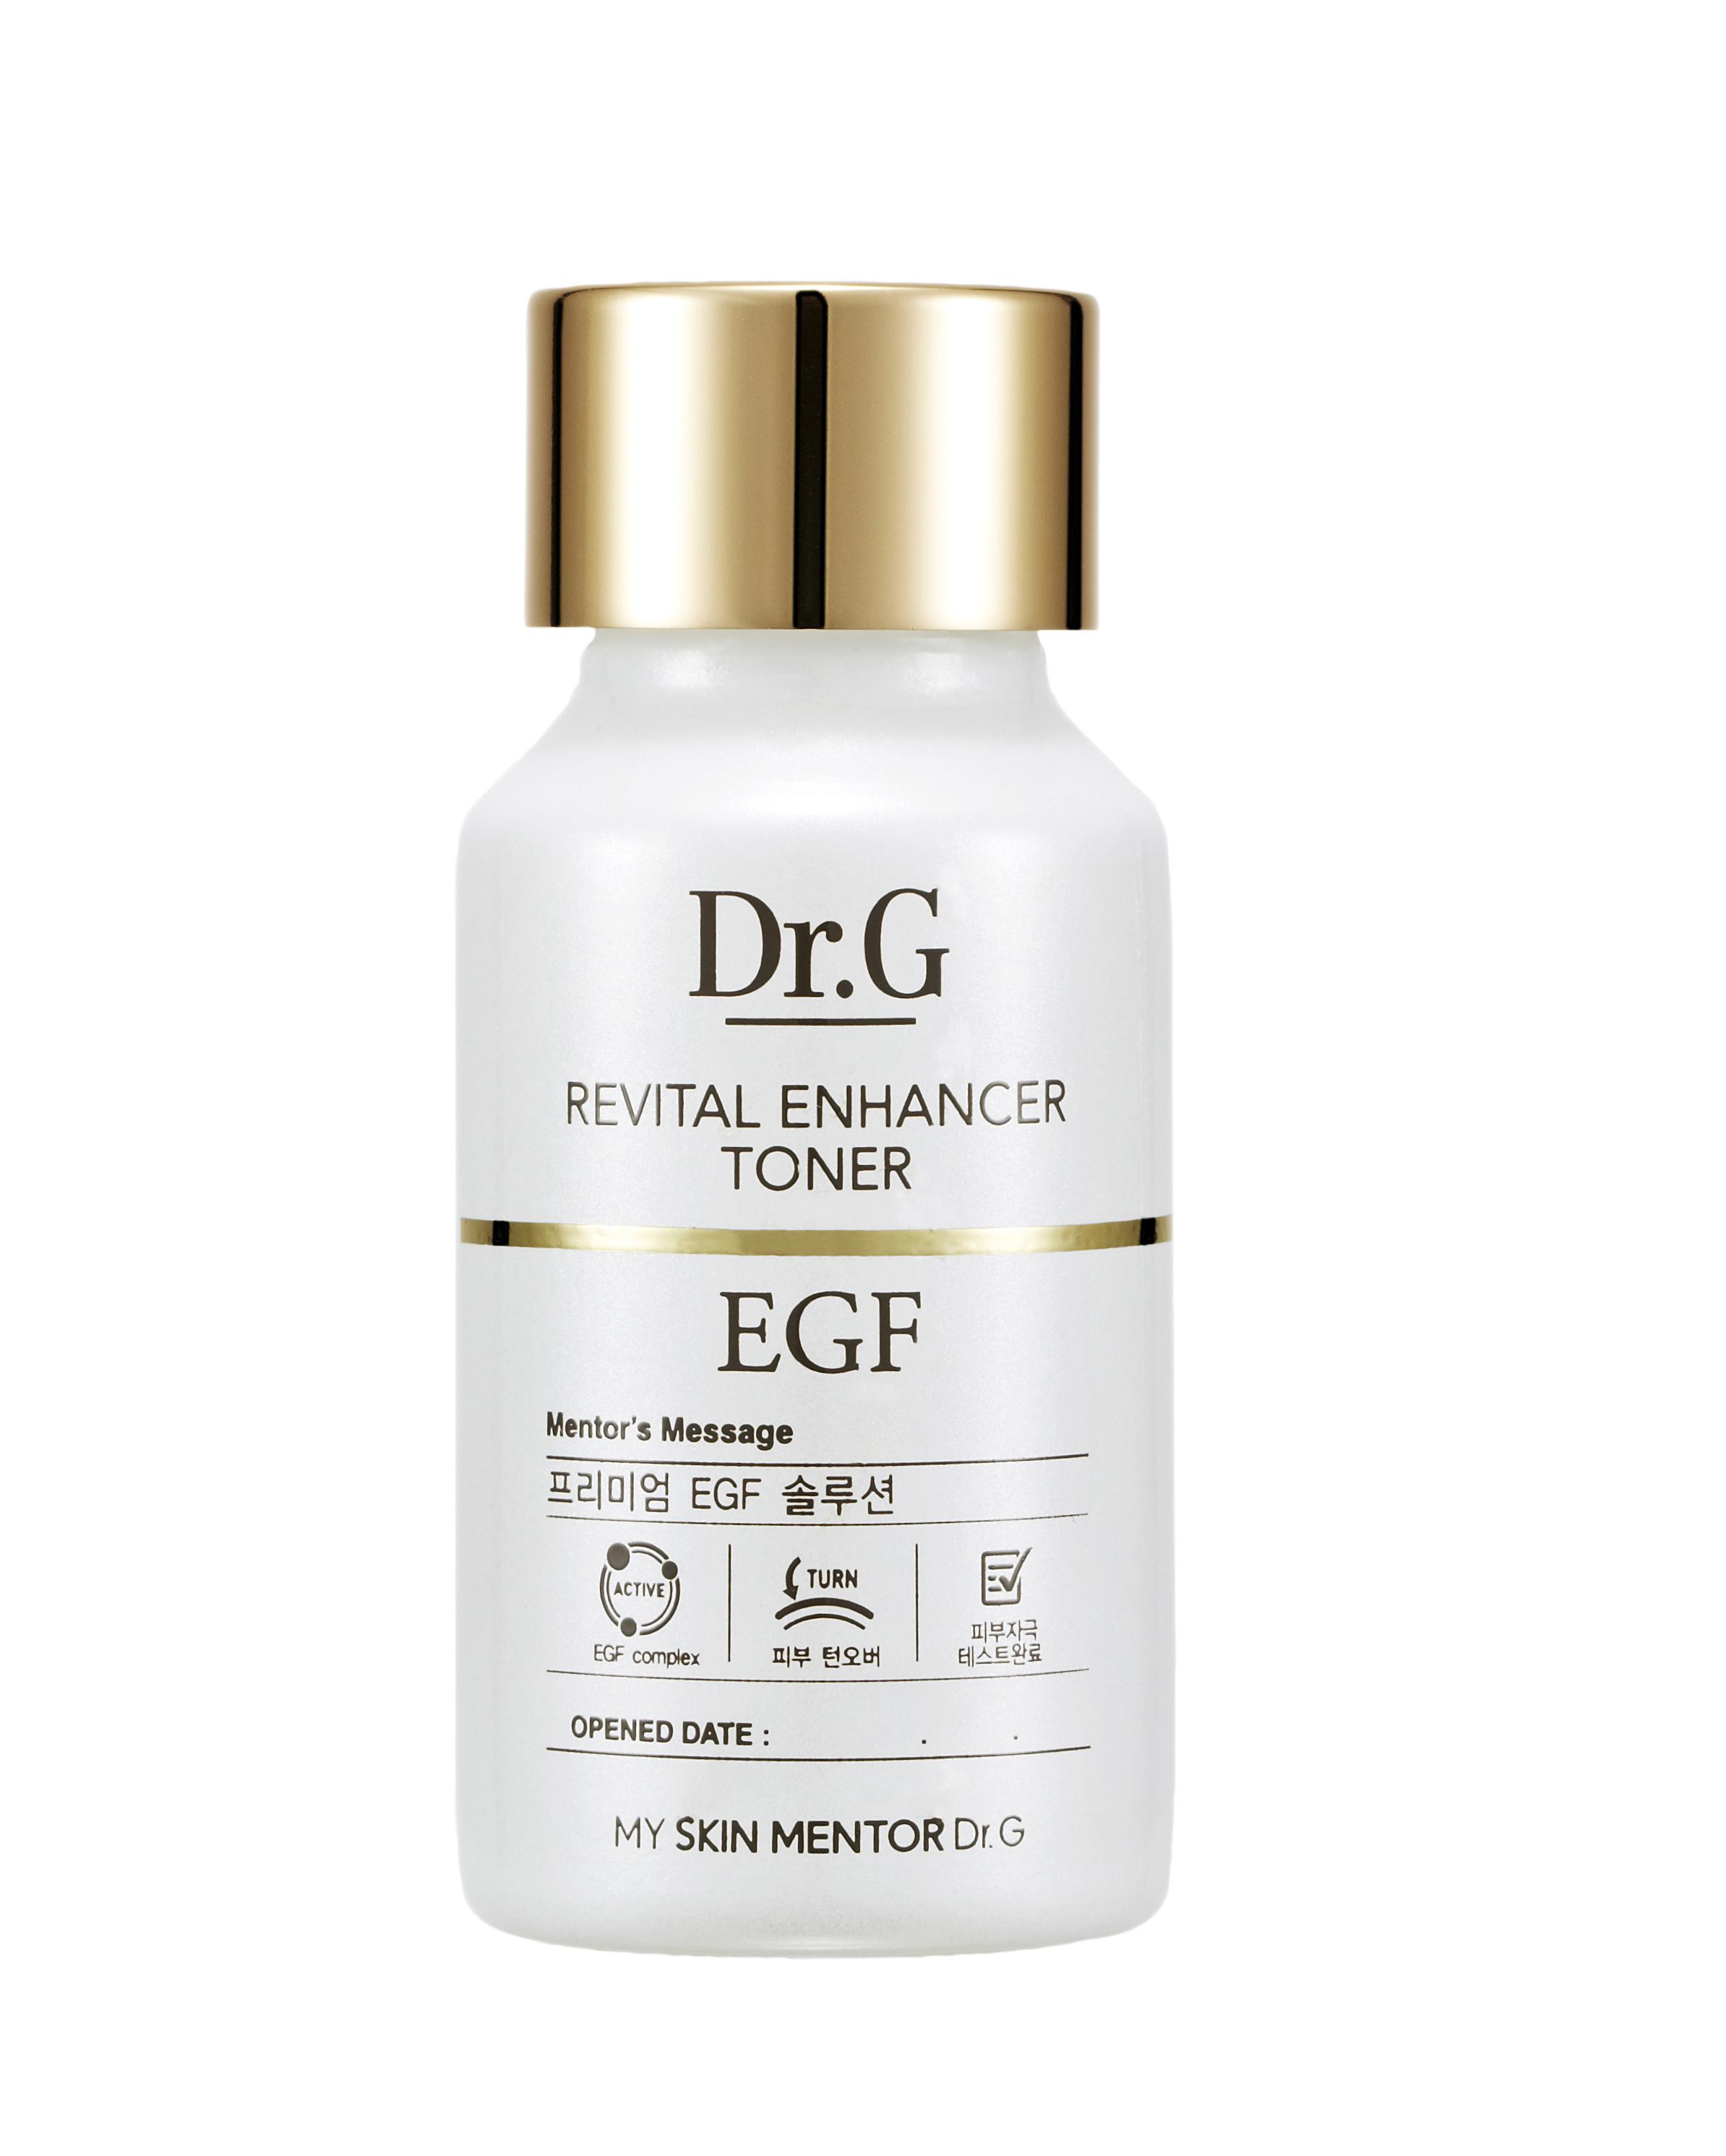 Dr. G Премиальный восстанавливающий тоник с EGF Revital Inhancer , 150 мл (Dr.G)